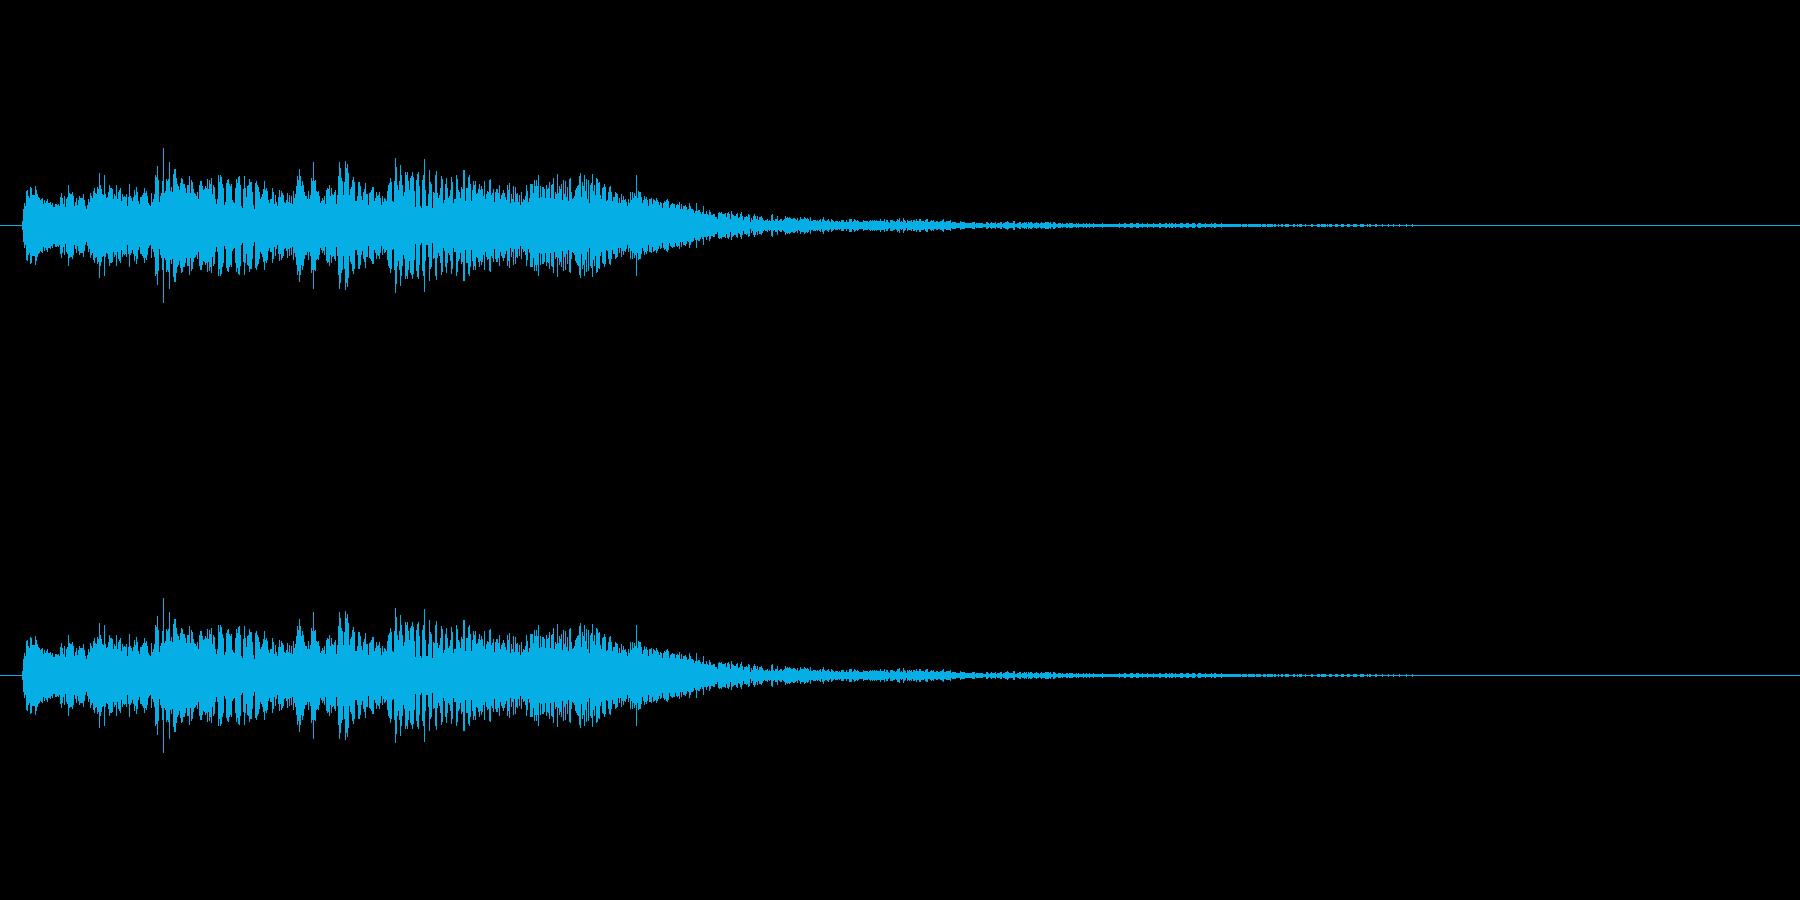 キラキラキラキラー/ハープシコード上昇音の再生済みの波形